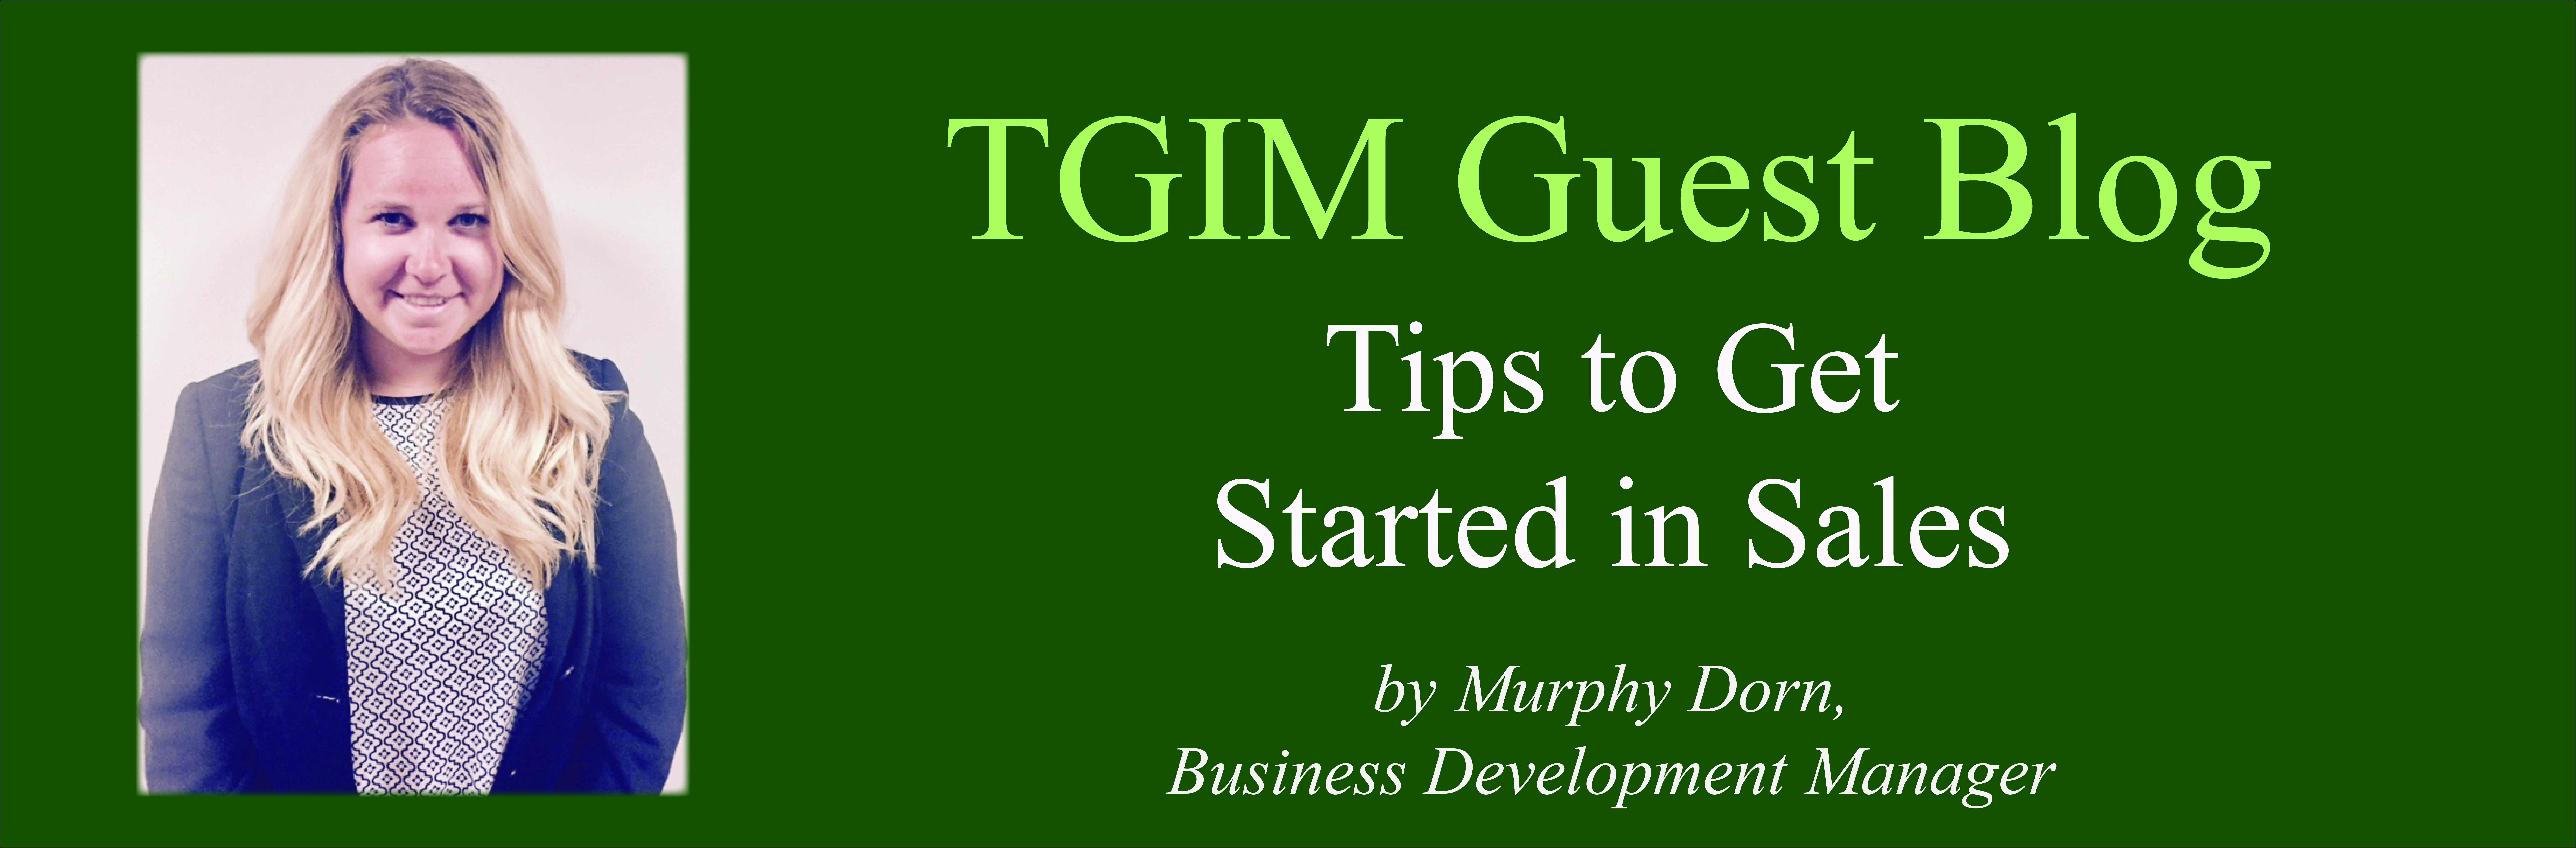 murphy guest blog title-01